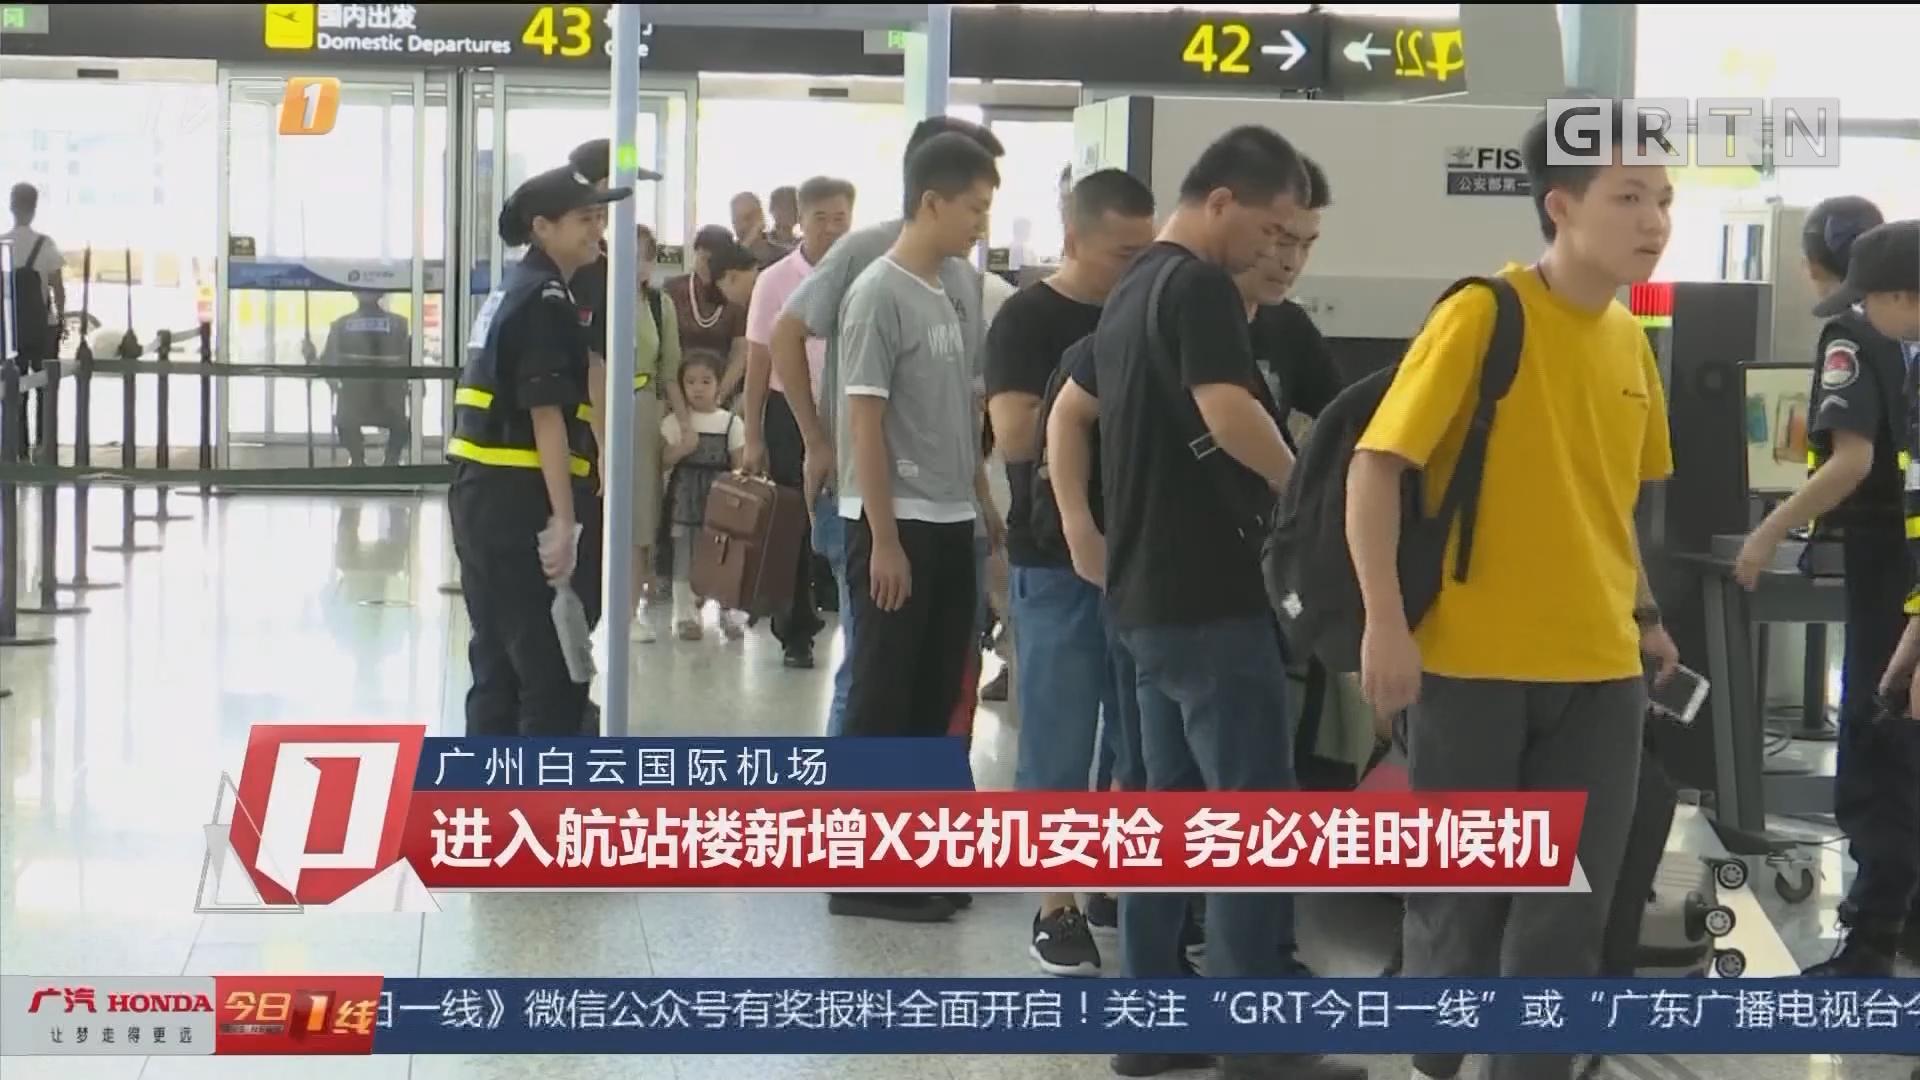 广州白云国际机场:进入航站楼新增X光机安检 务必准时候机